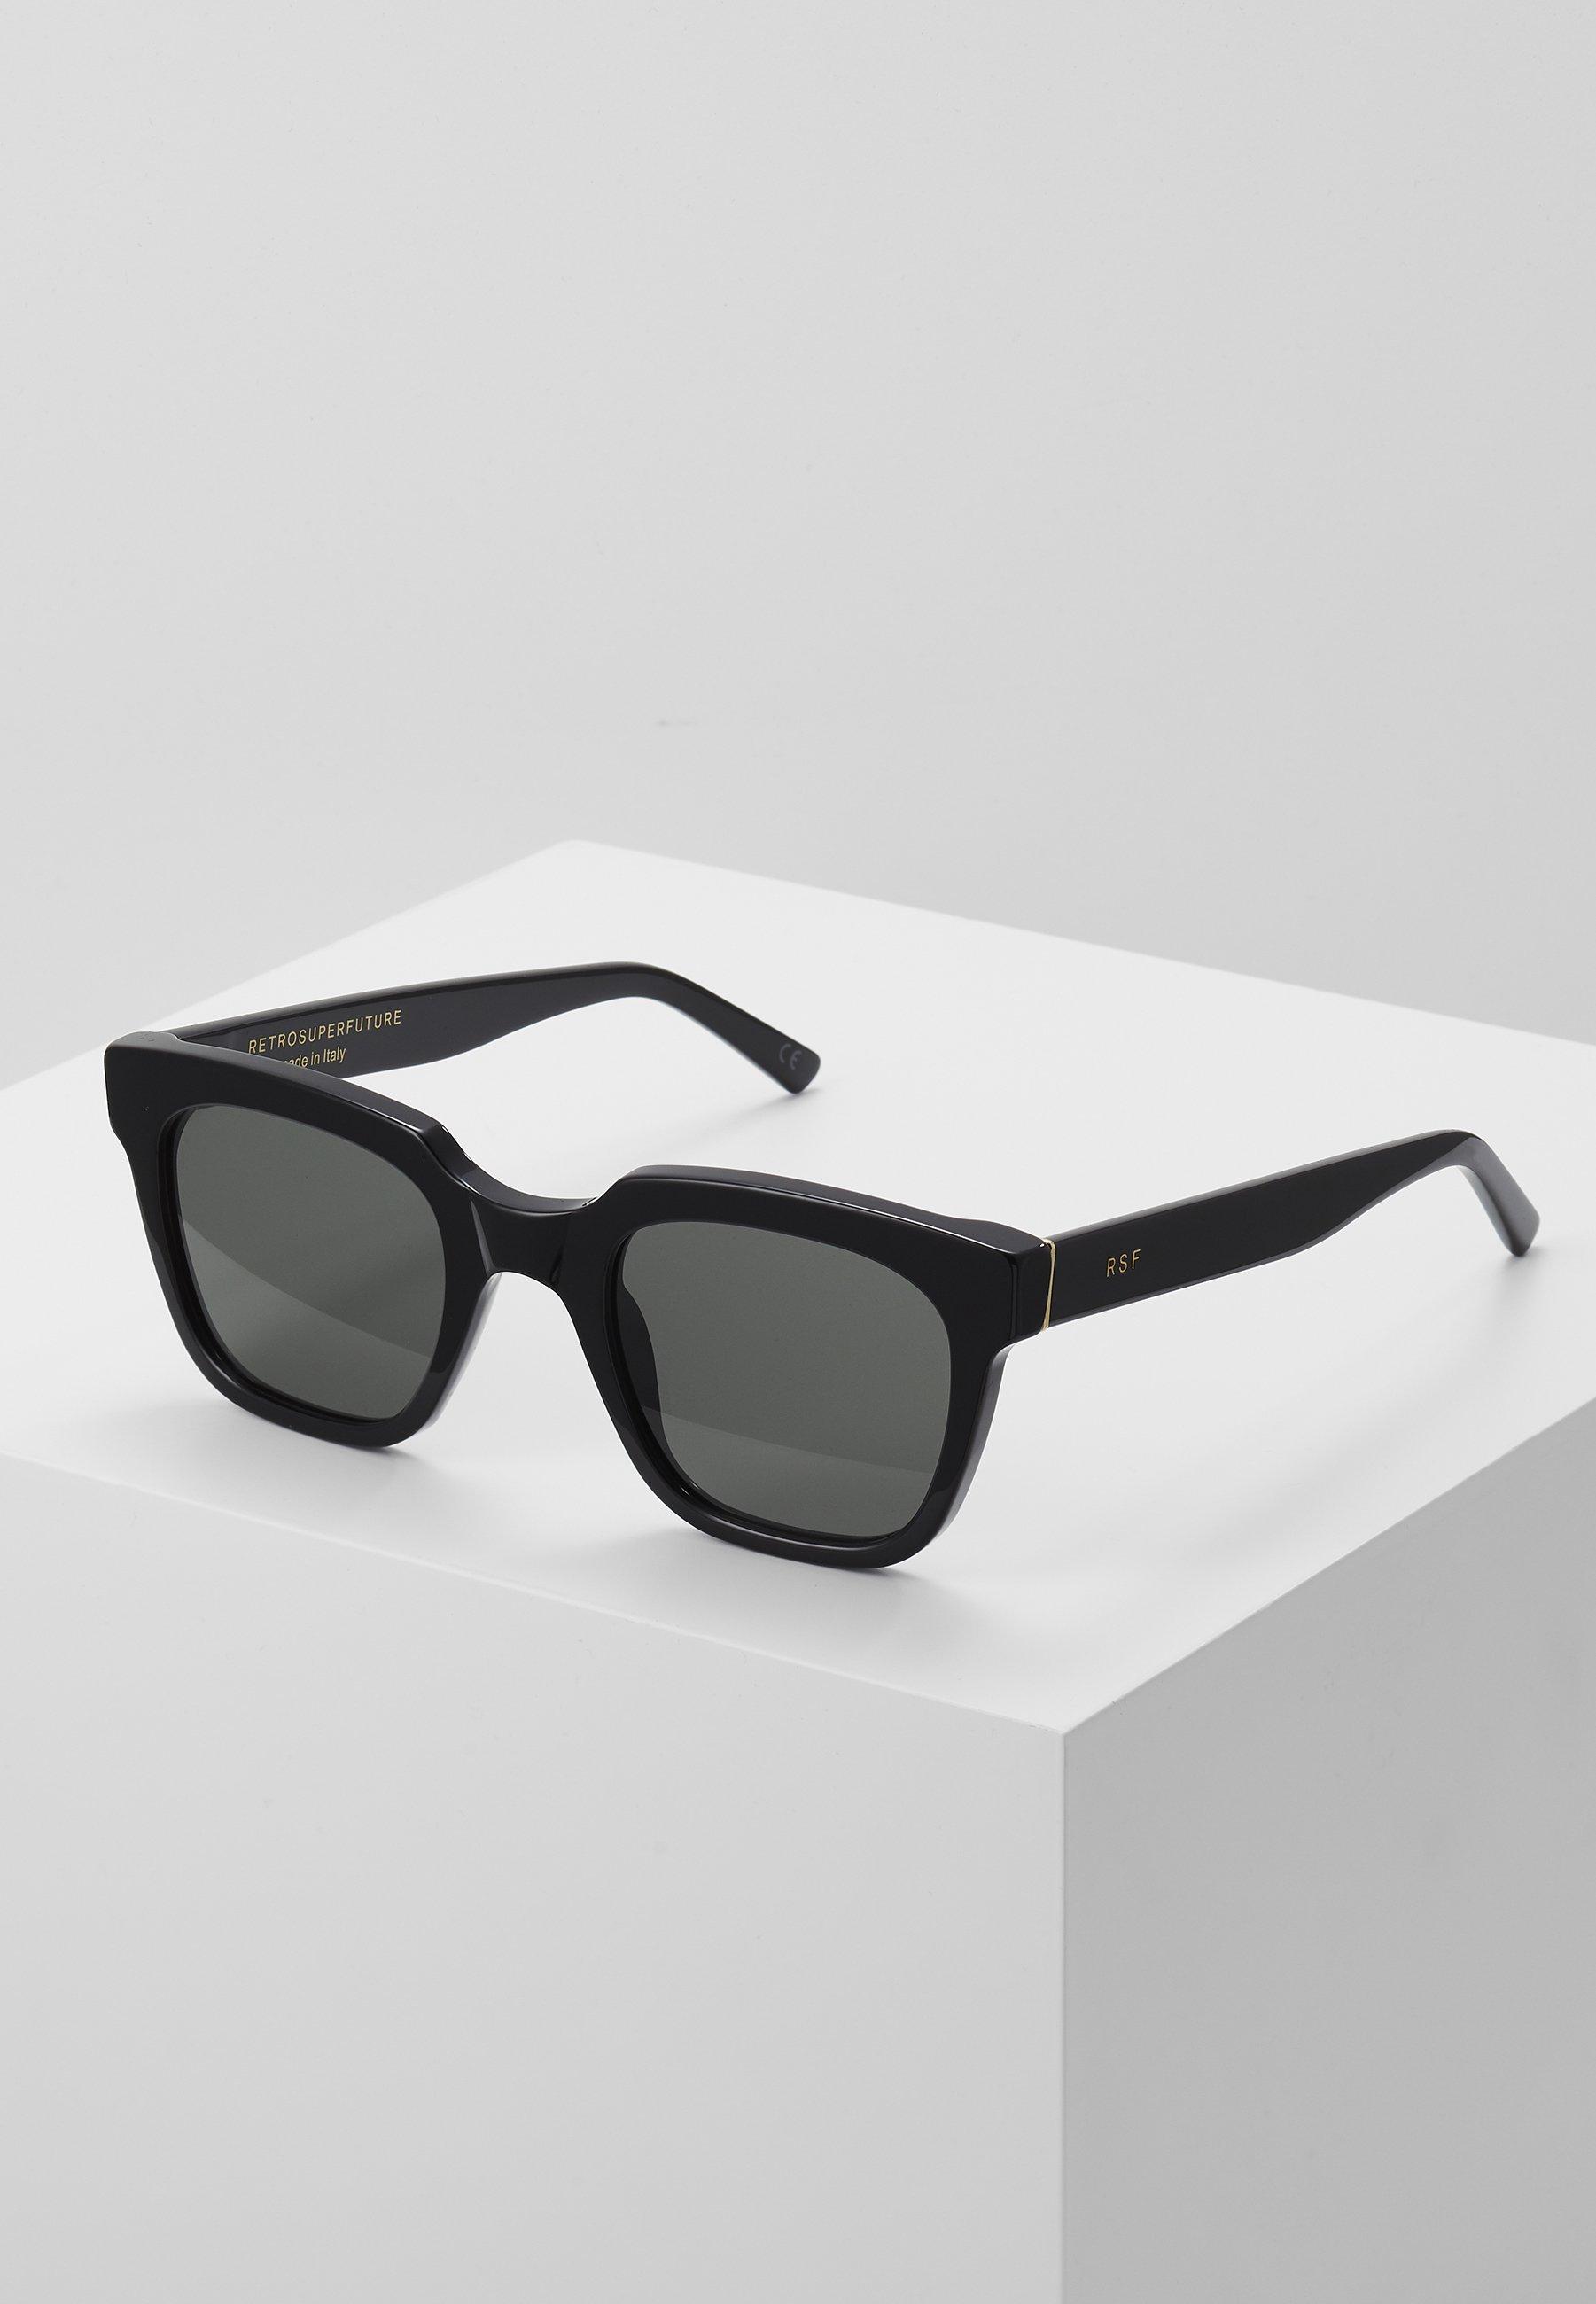 Kup najnowsze Gorąca wyprzedaż RETROSUPERFUTURE GIUSTO FIRMA - Okulary przeciwsłoneczne - black | Akcesoria męskie 2020 ufQua